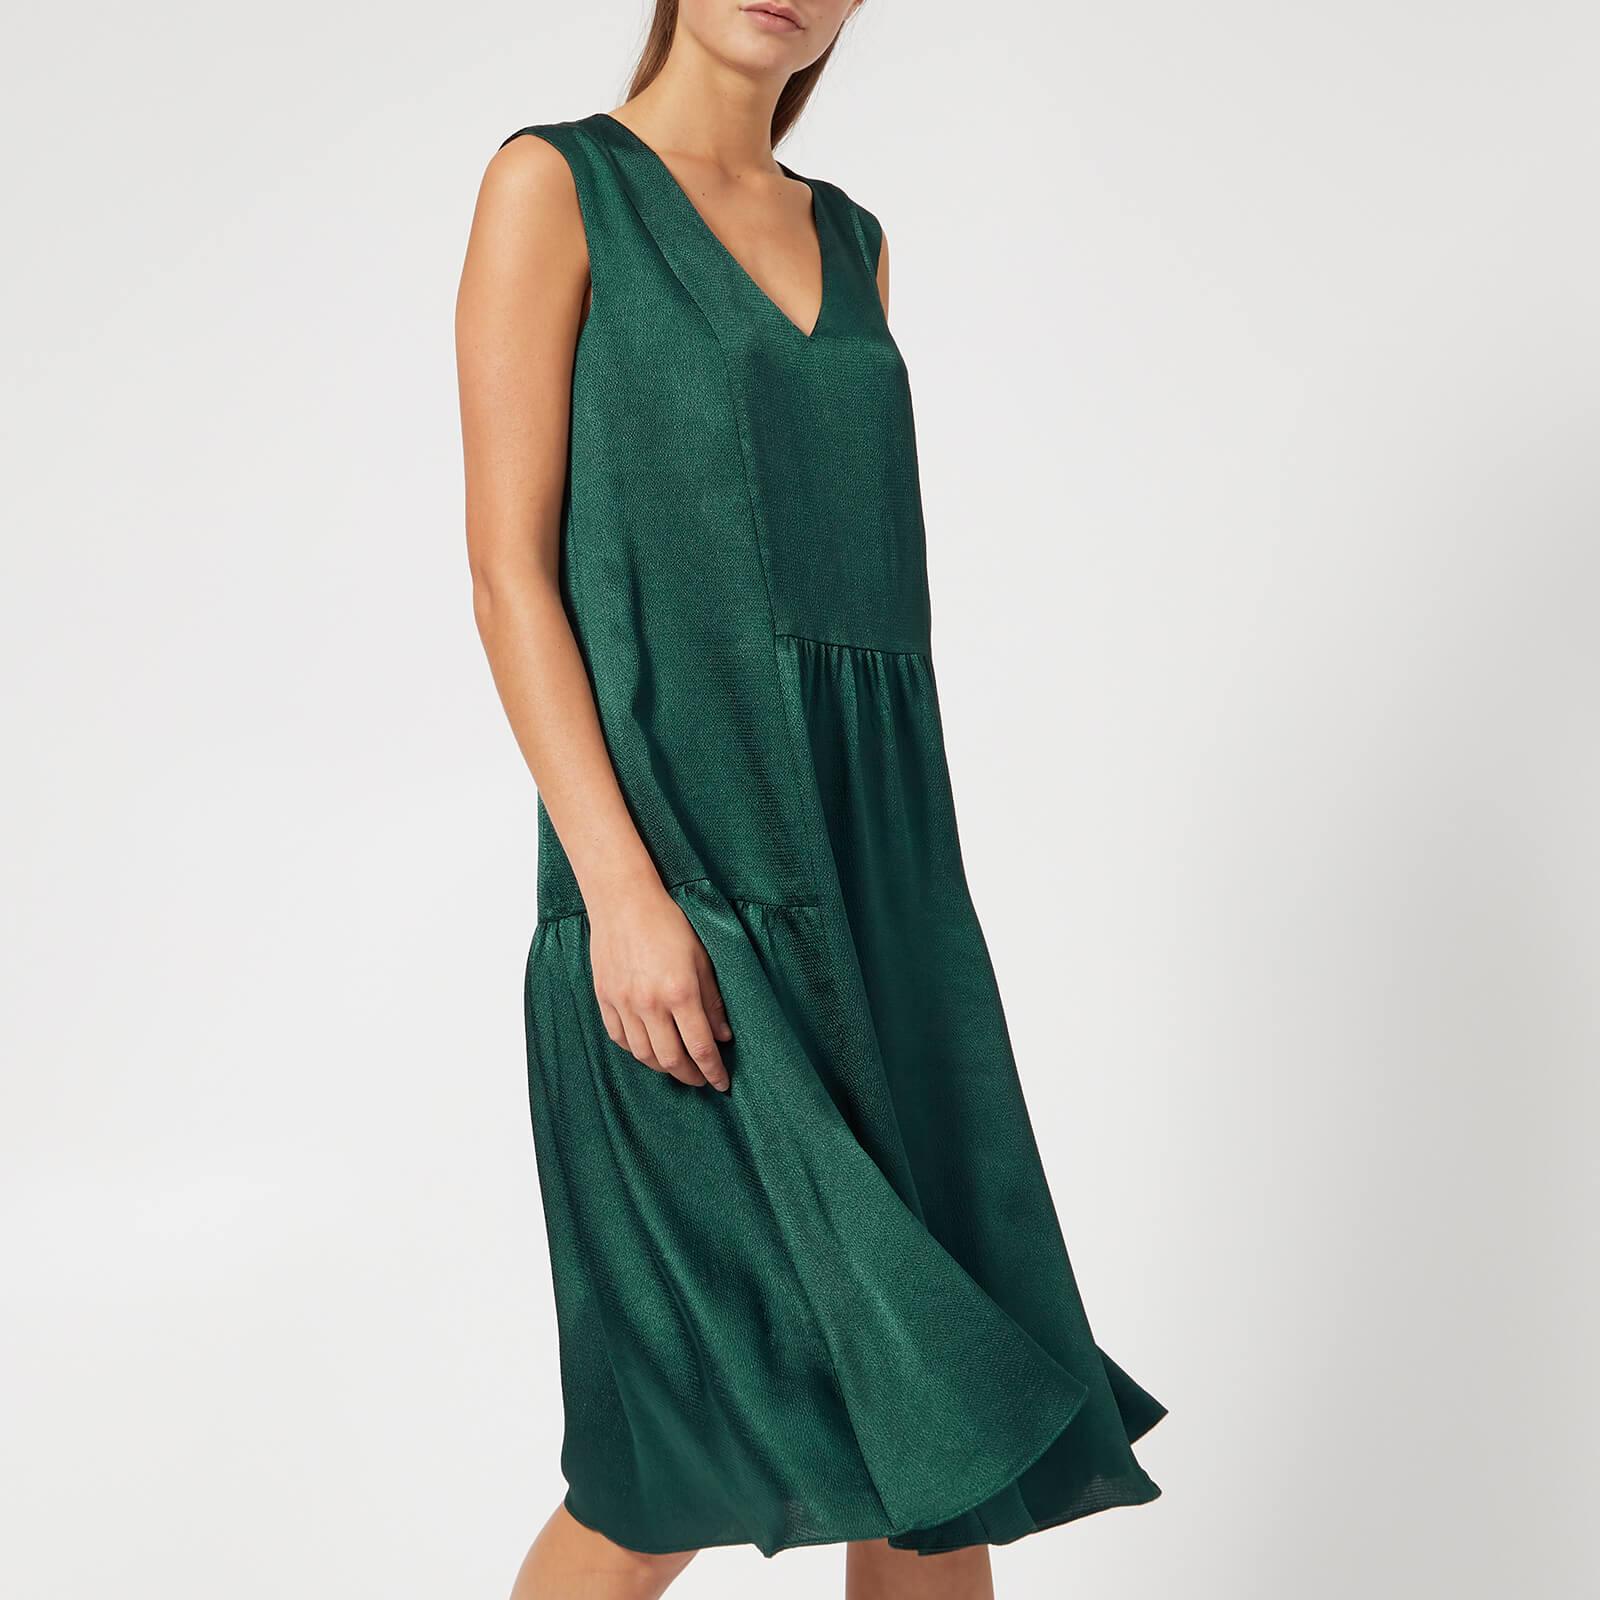 Gestuz Women's Masina Dress - Botanical Garden - EU 40/UK 12 - Green